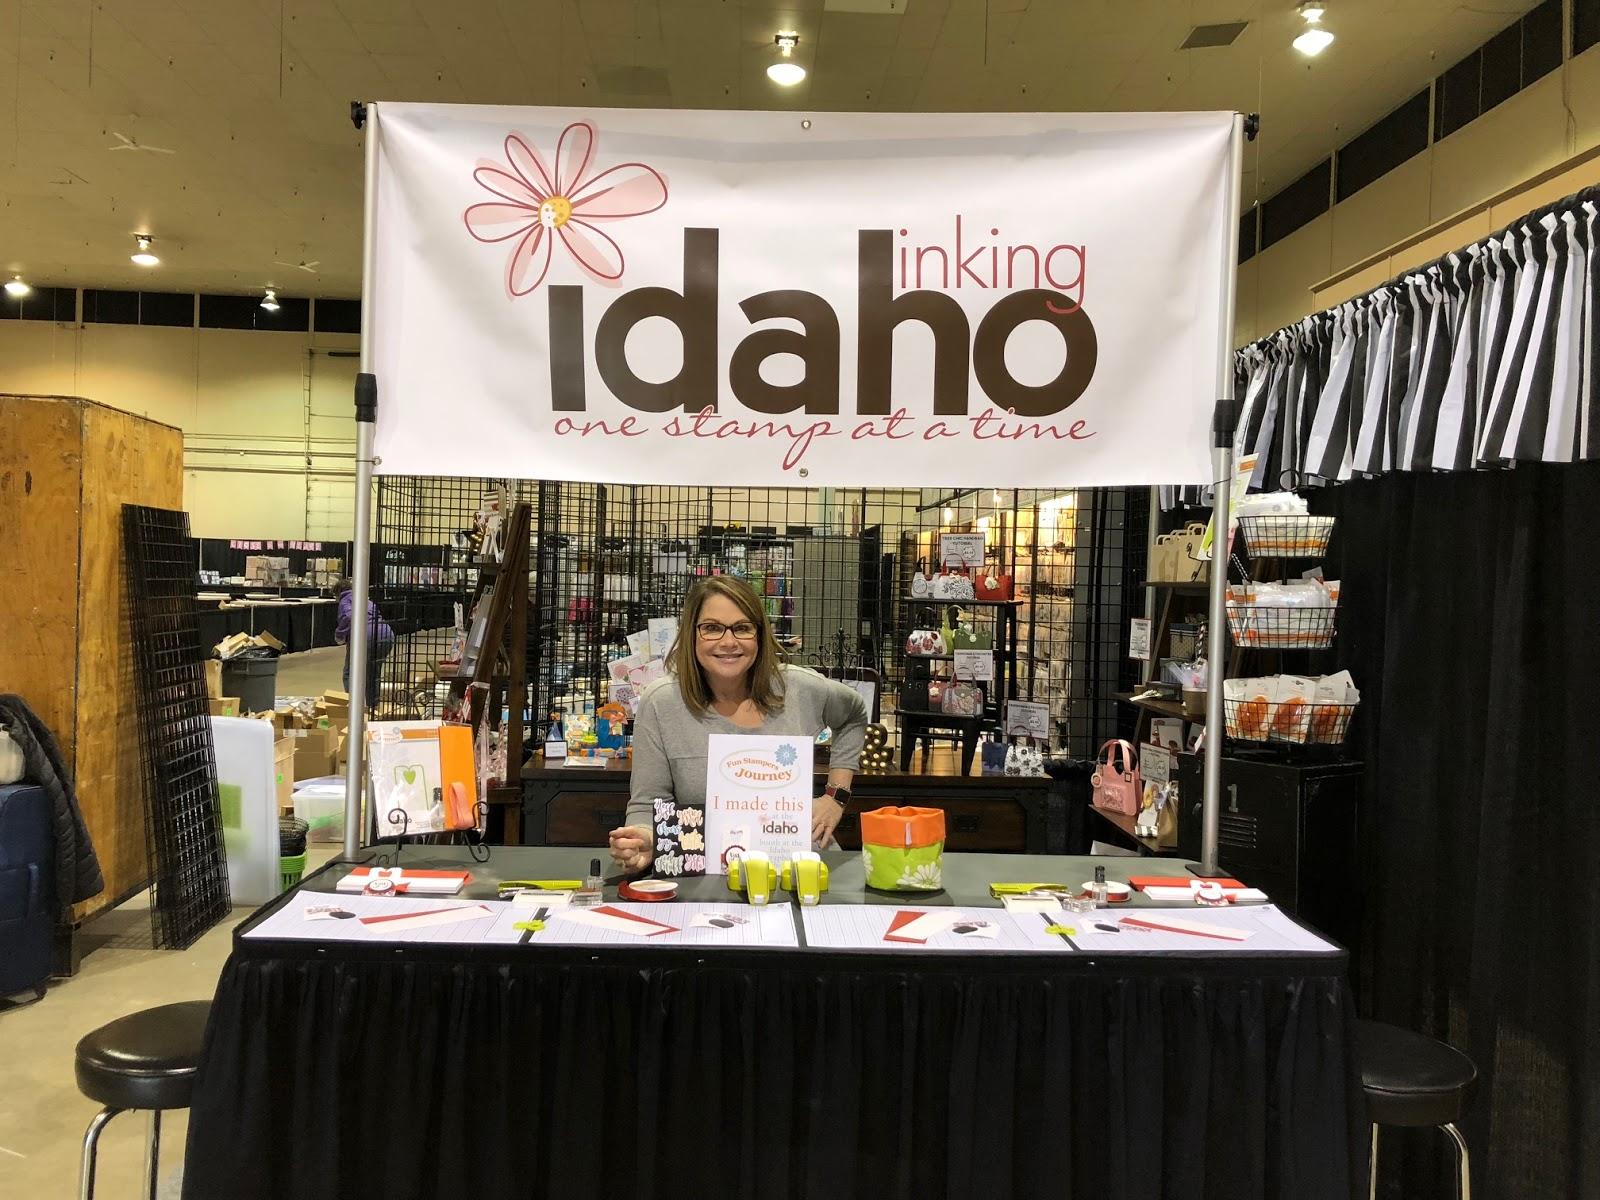 Inking Idaho Idaho Scrapbook Show